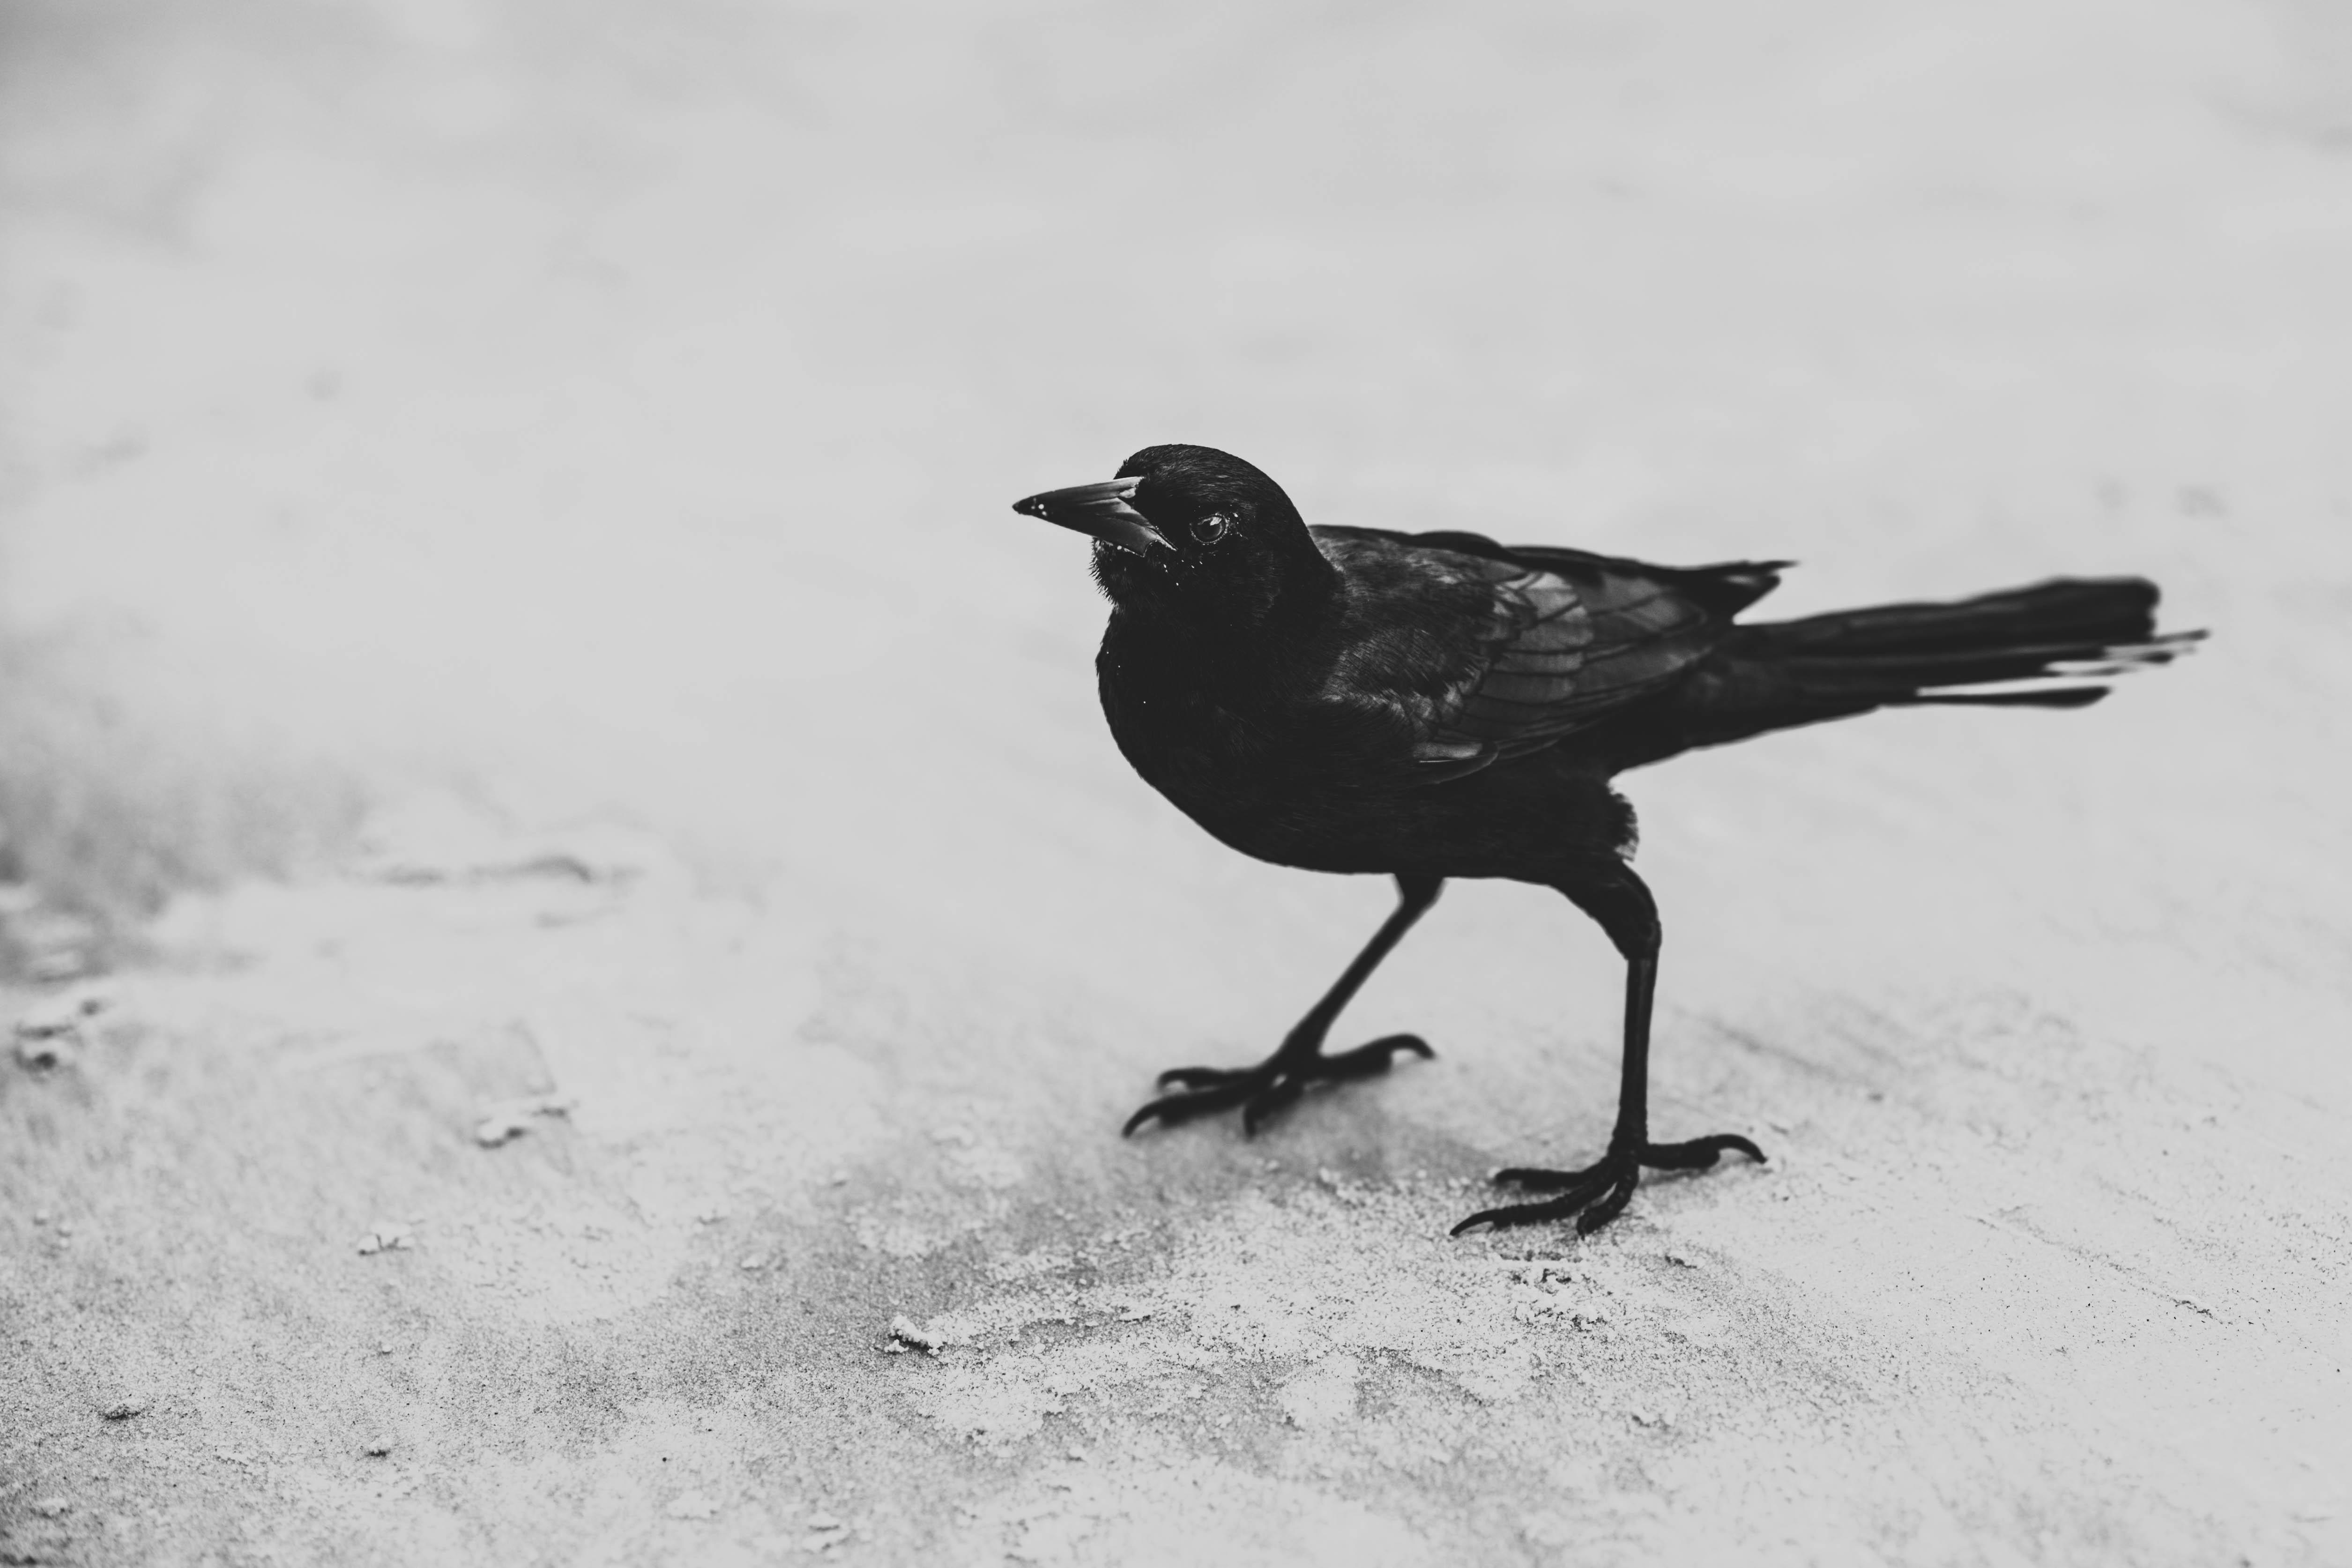 μεγάλο μαύρο πουλί κοπή σεξ σκάνδαλο λεσβία